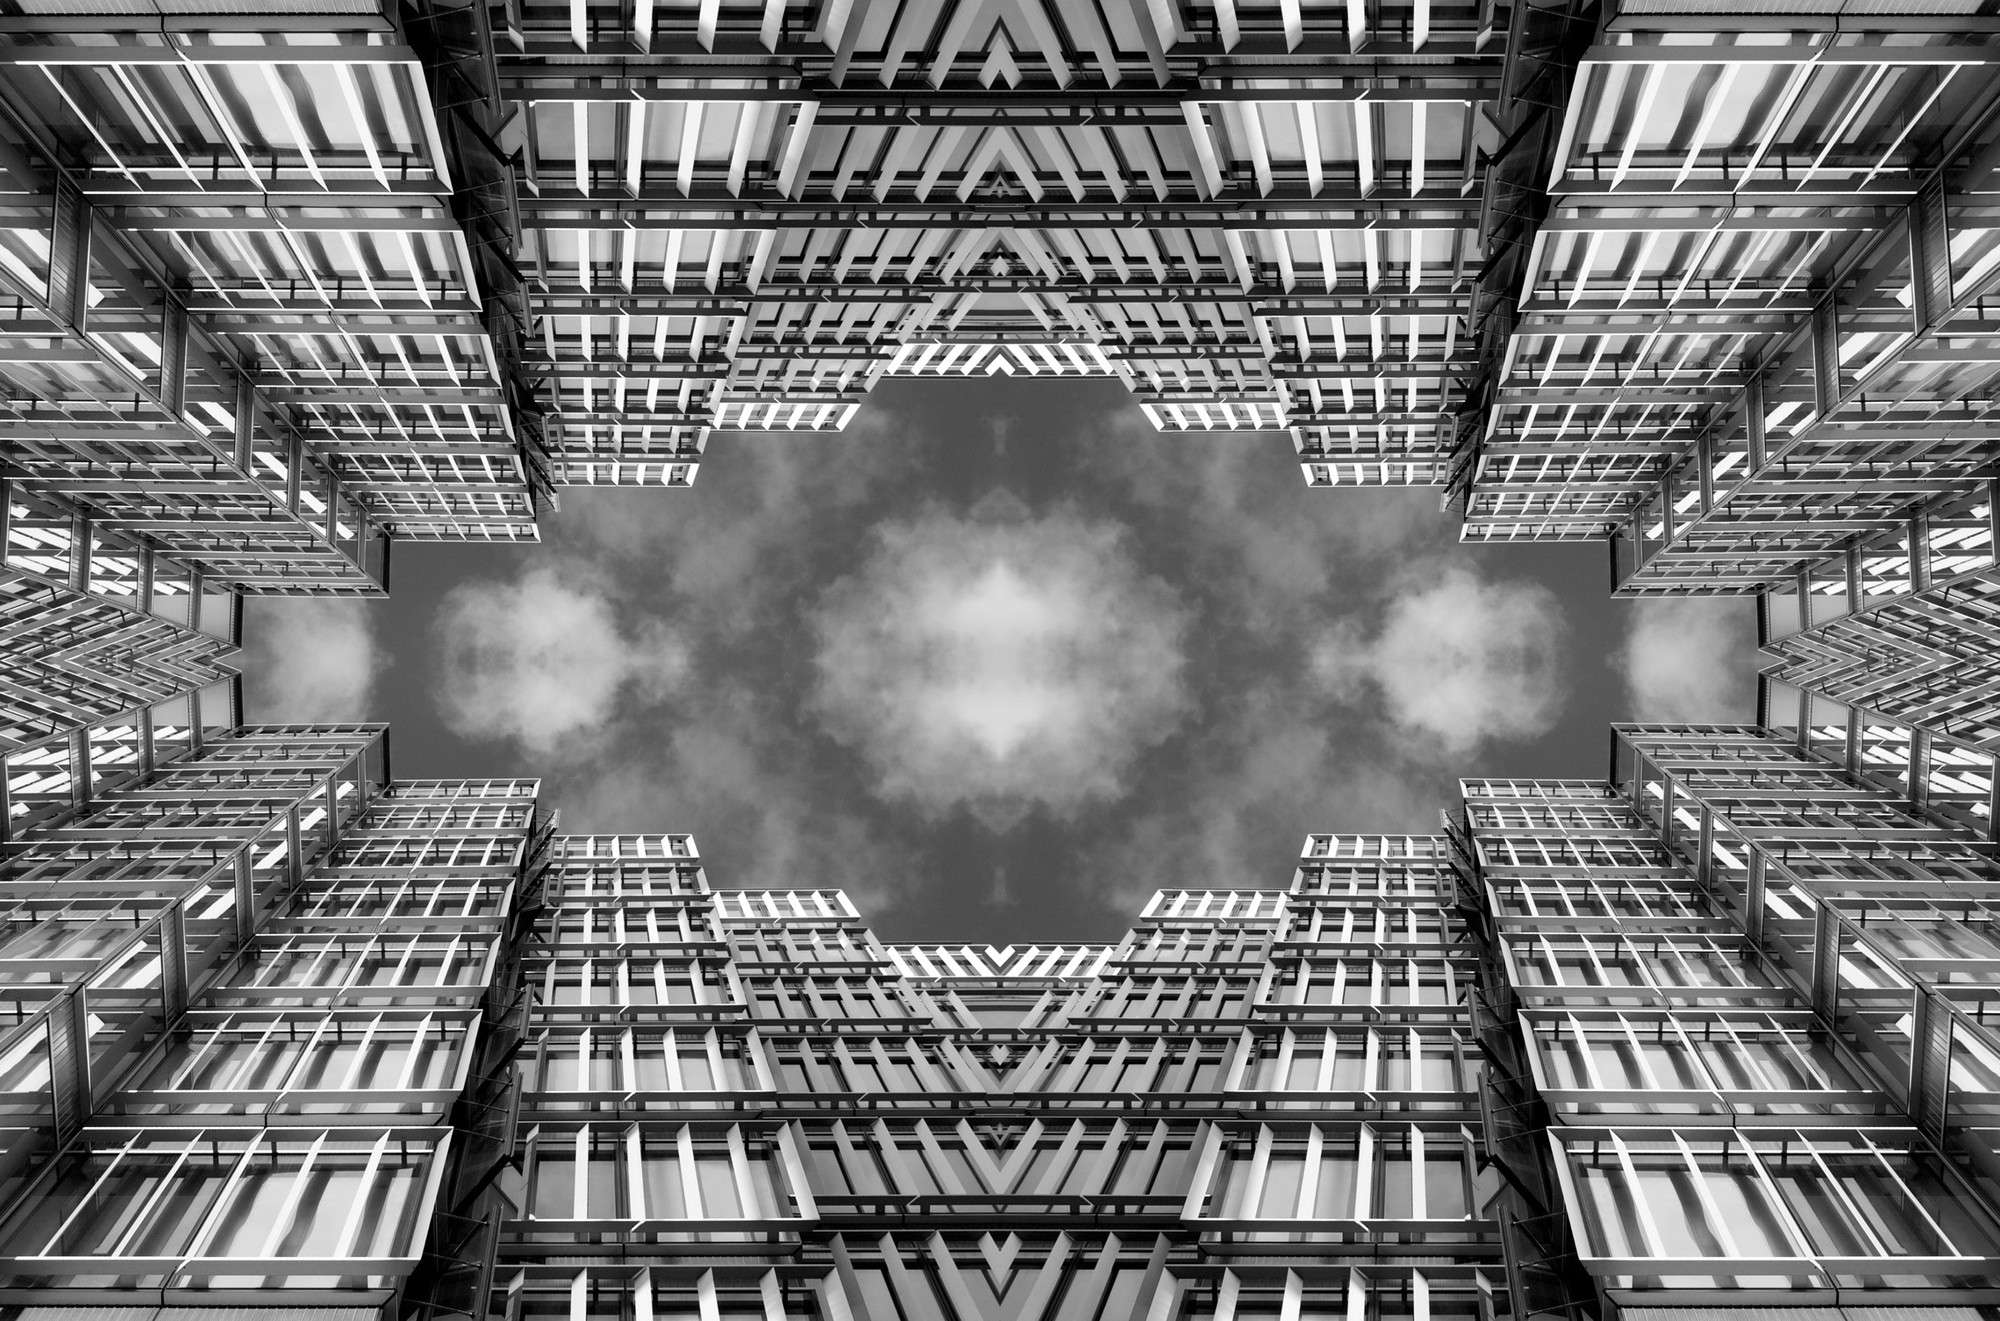 Fotografía de Arquitectura: Estéticas de la Forma por Tedy Colombini, Londres © Tedy Colombini